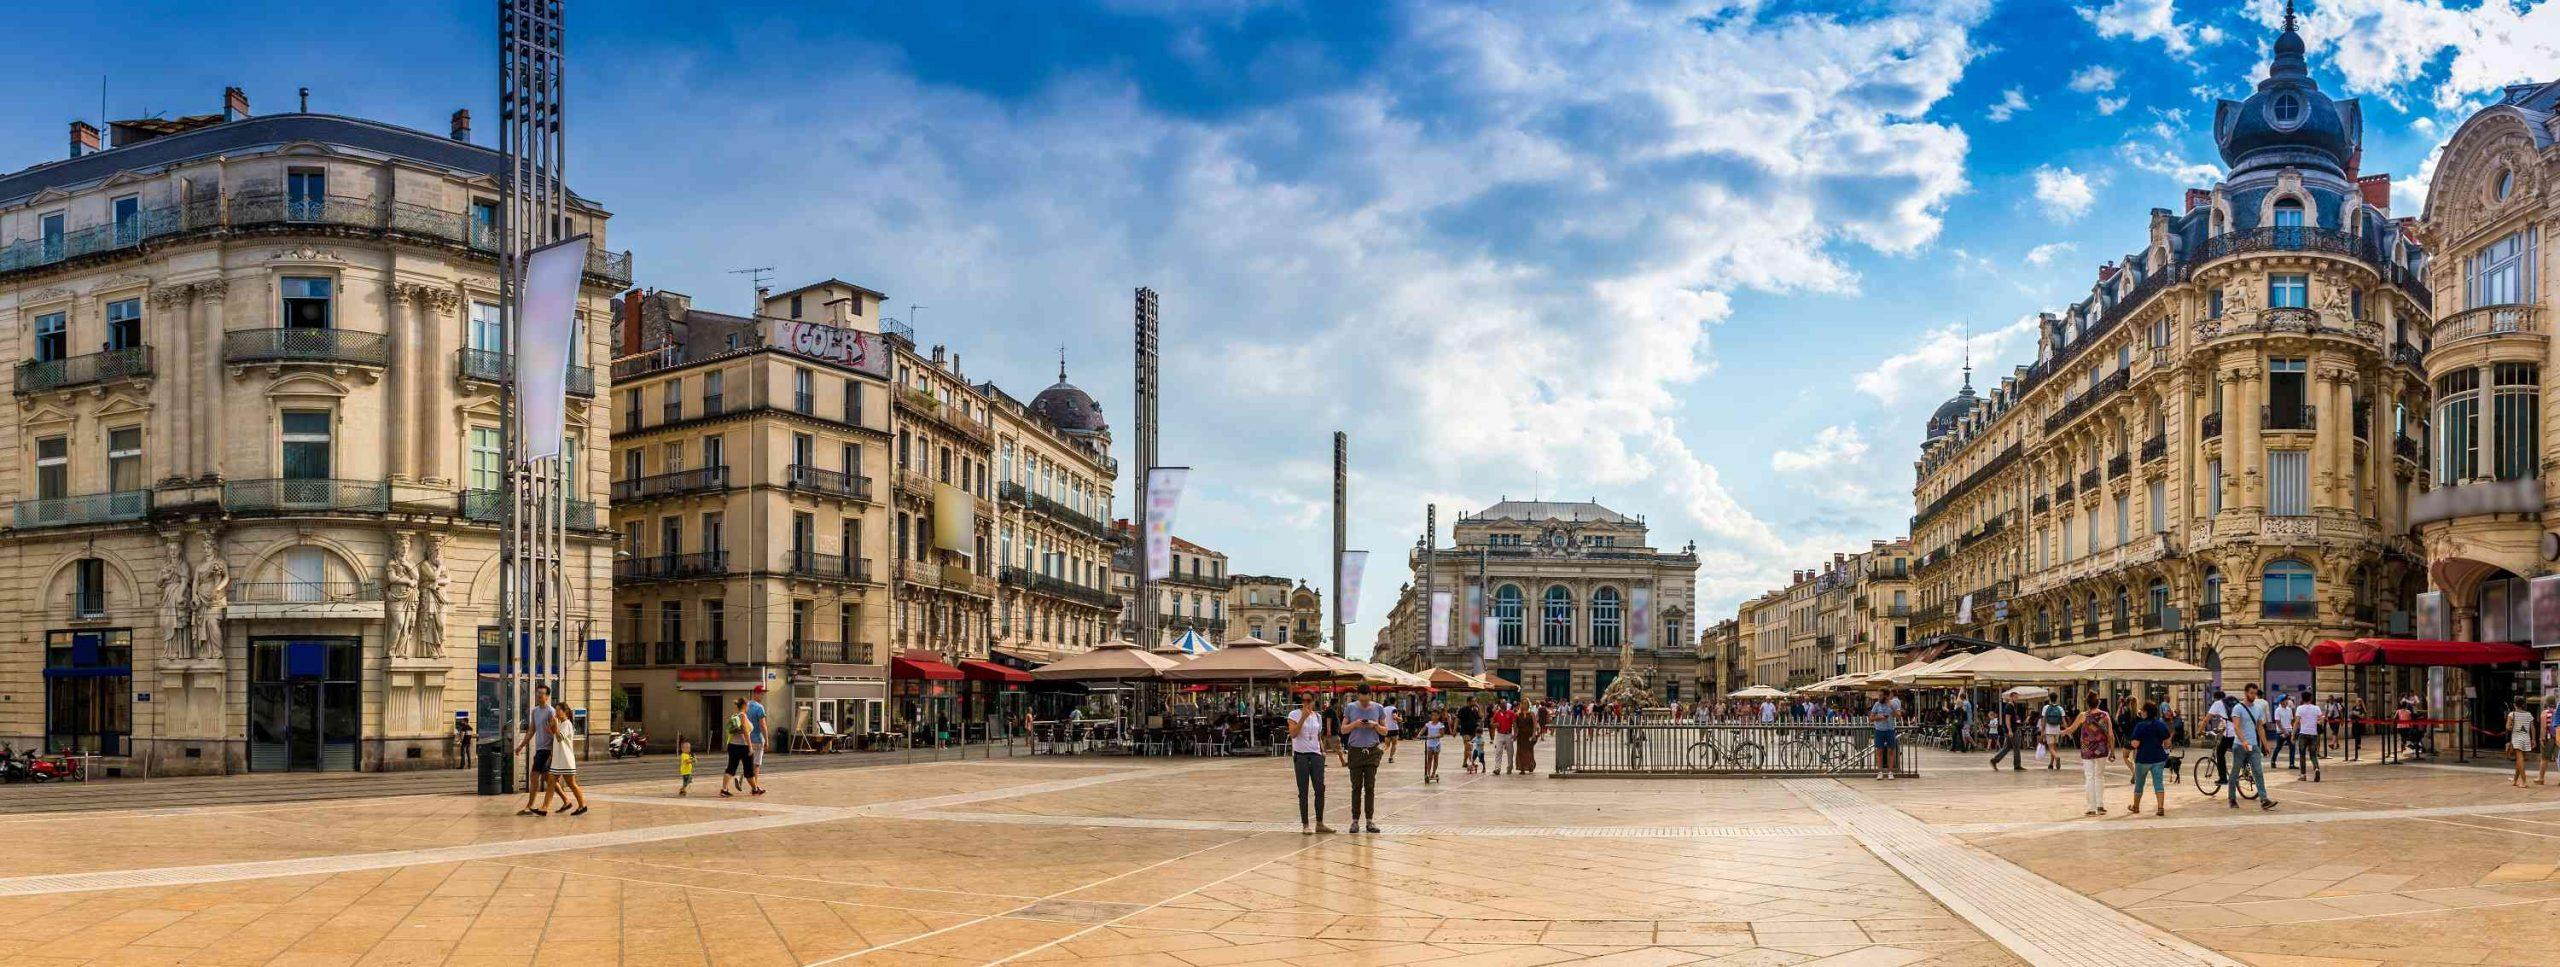 Montpellier à l'honneur : L'importance du développement dans la ville française qui connaît la plus forte croissance